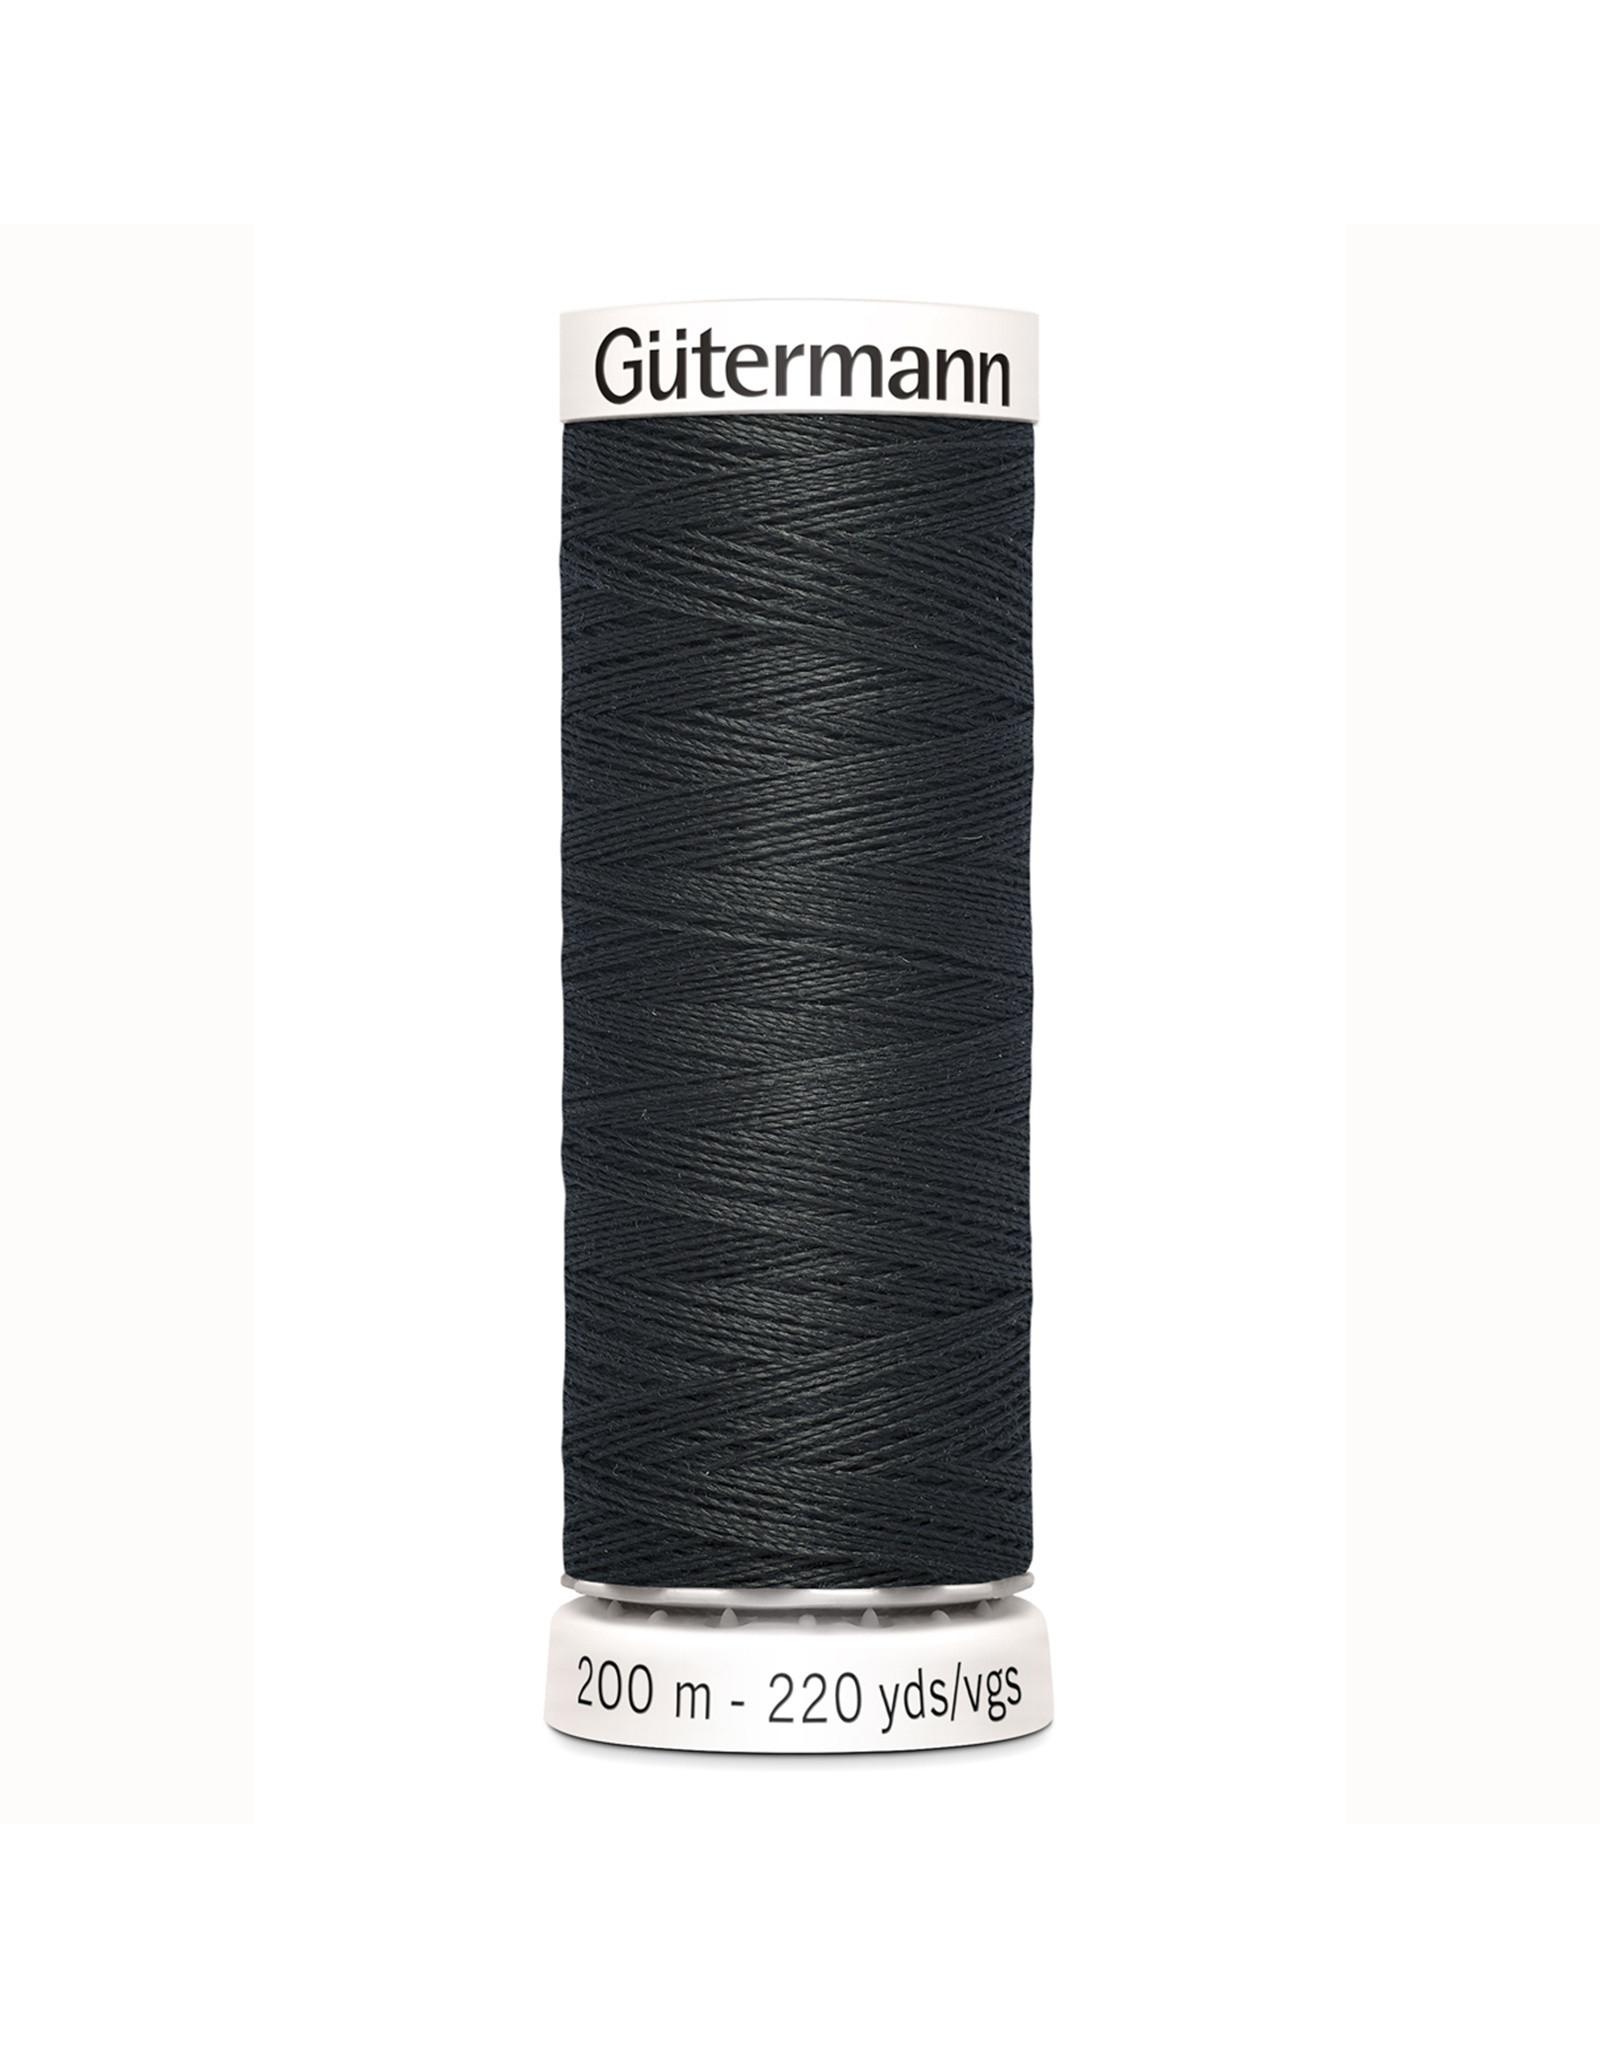 Gütermann Gütermann Nähgarn 200 m - nr 542